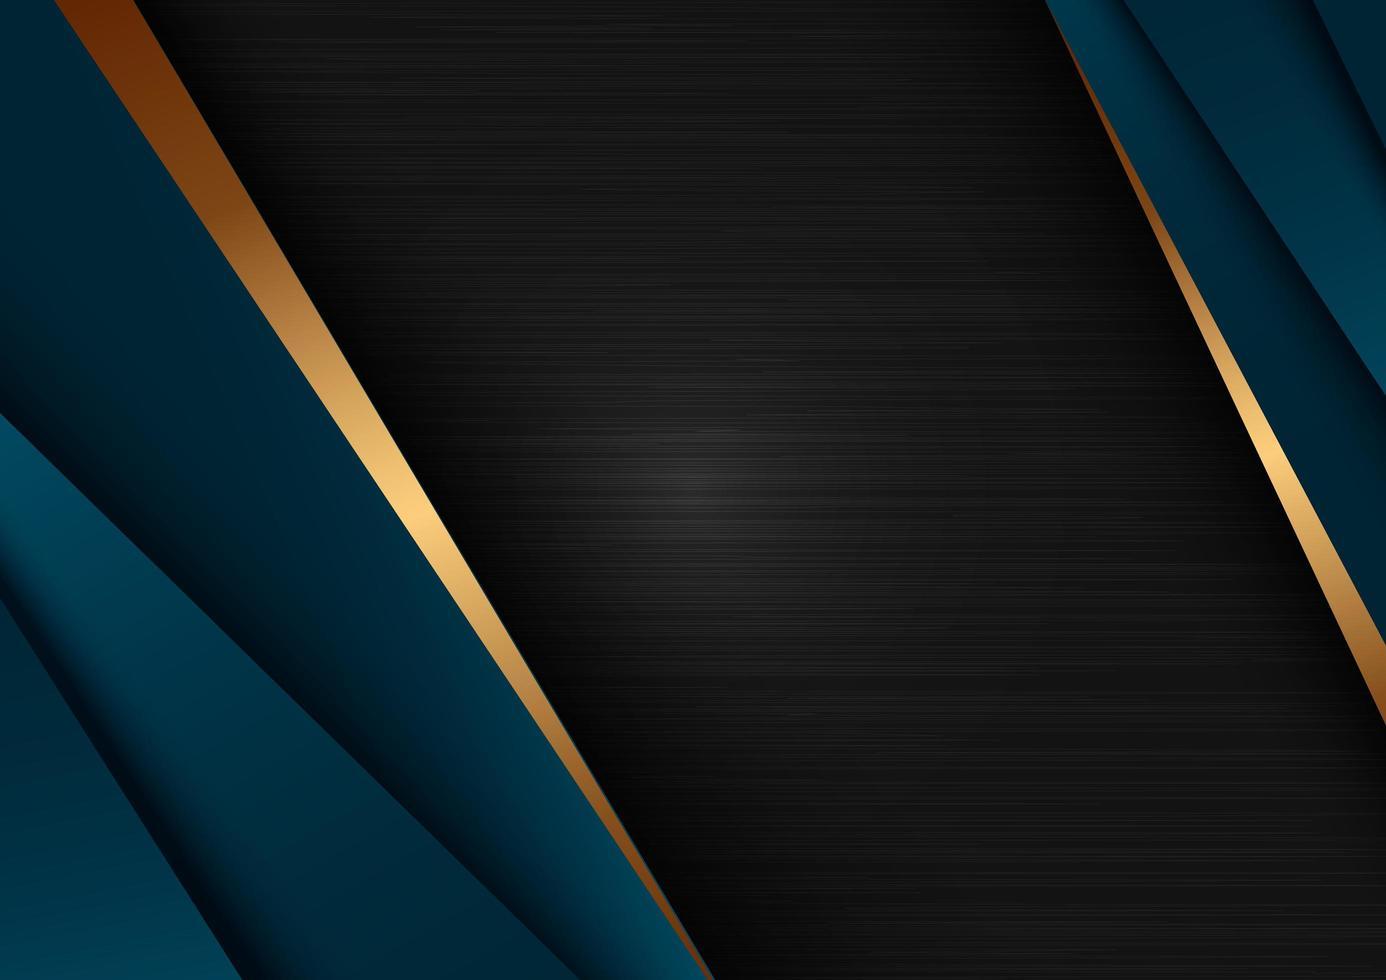 abstrakt mall mörkblå lyxpremie på svart bakgrund vektor